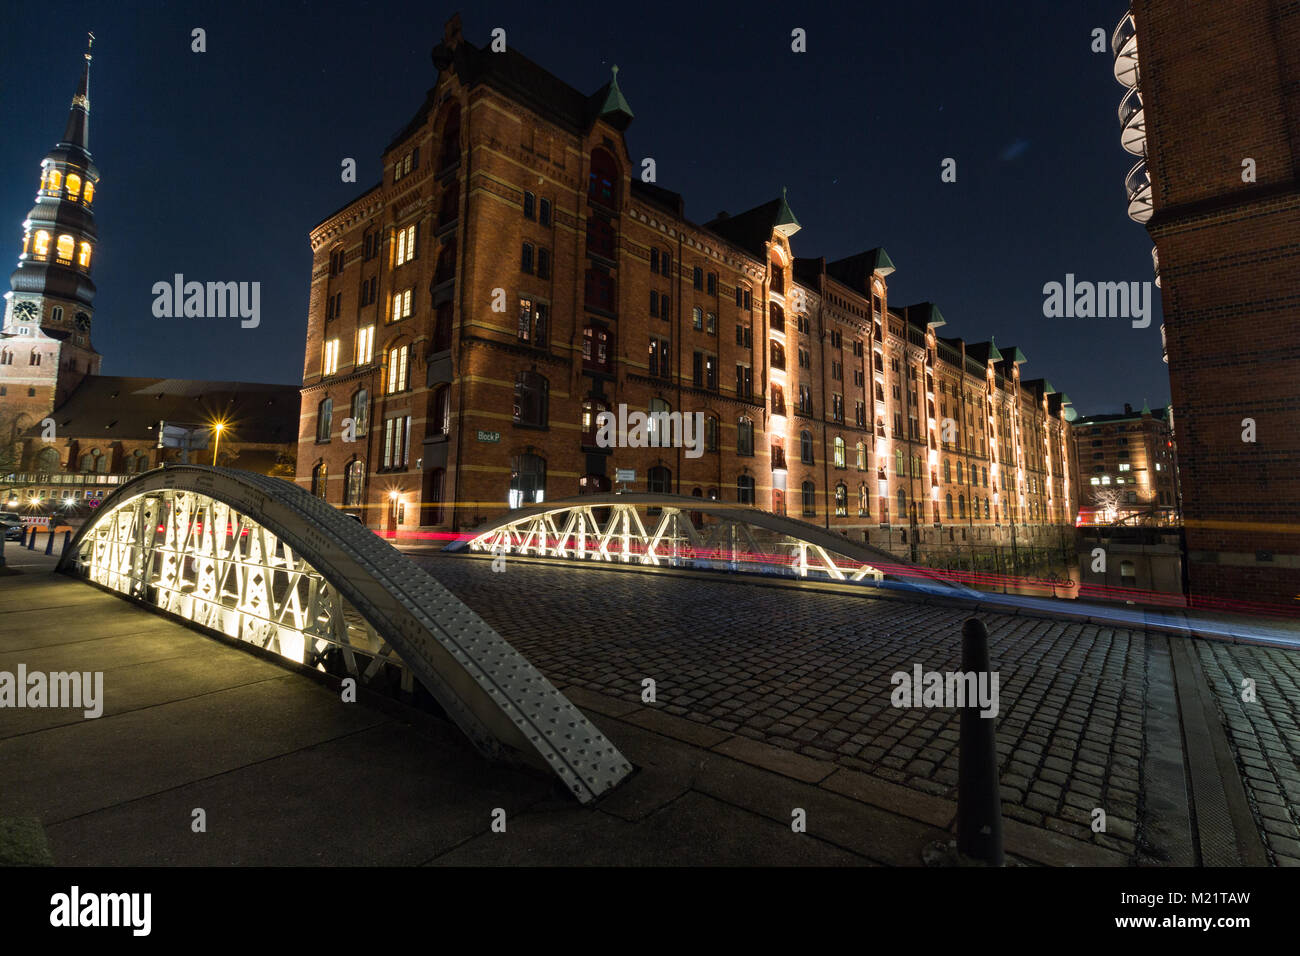 Die Hafencity von Hamburg während der blauen Stunde. - Stock Image